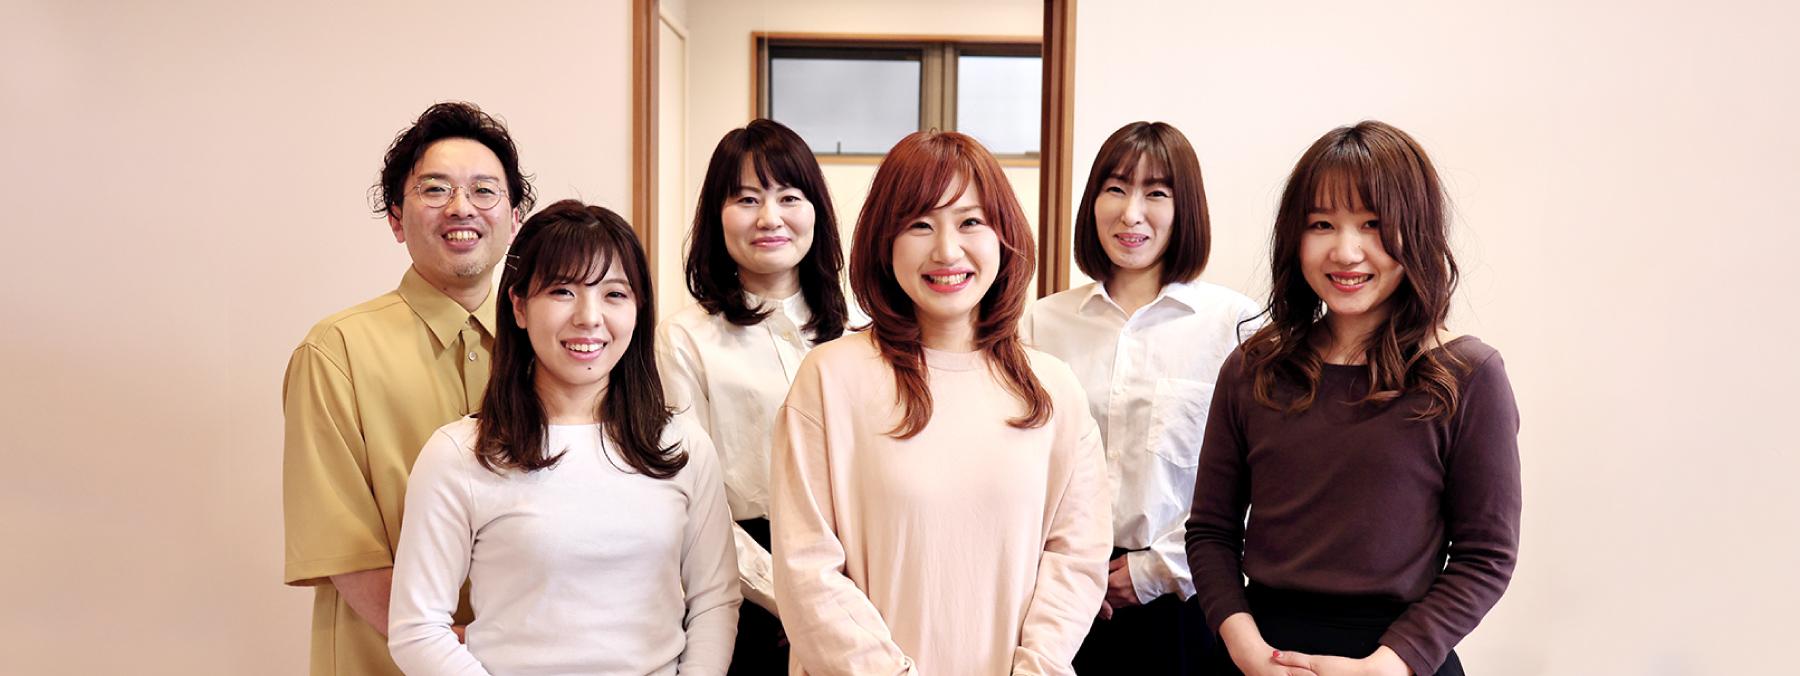 staff10